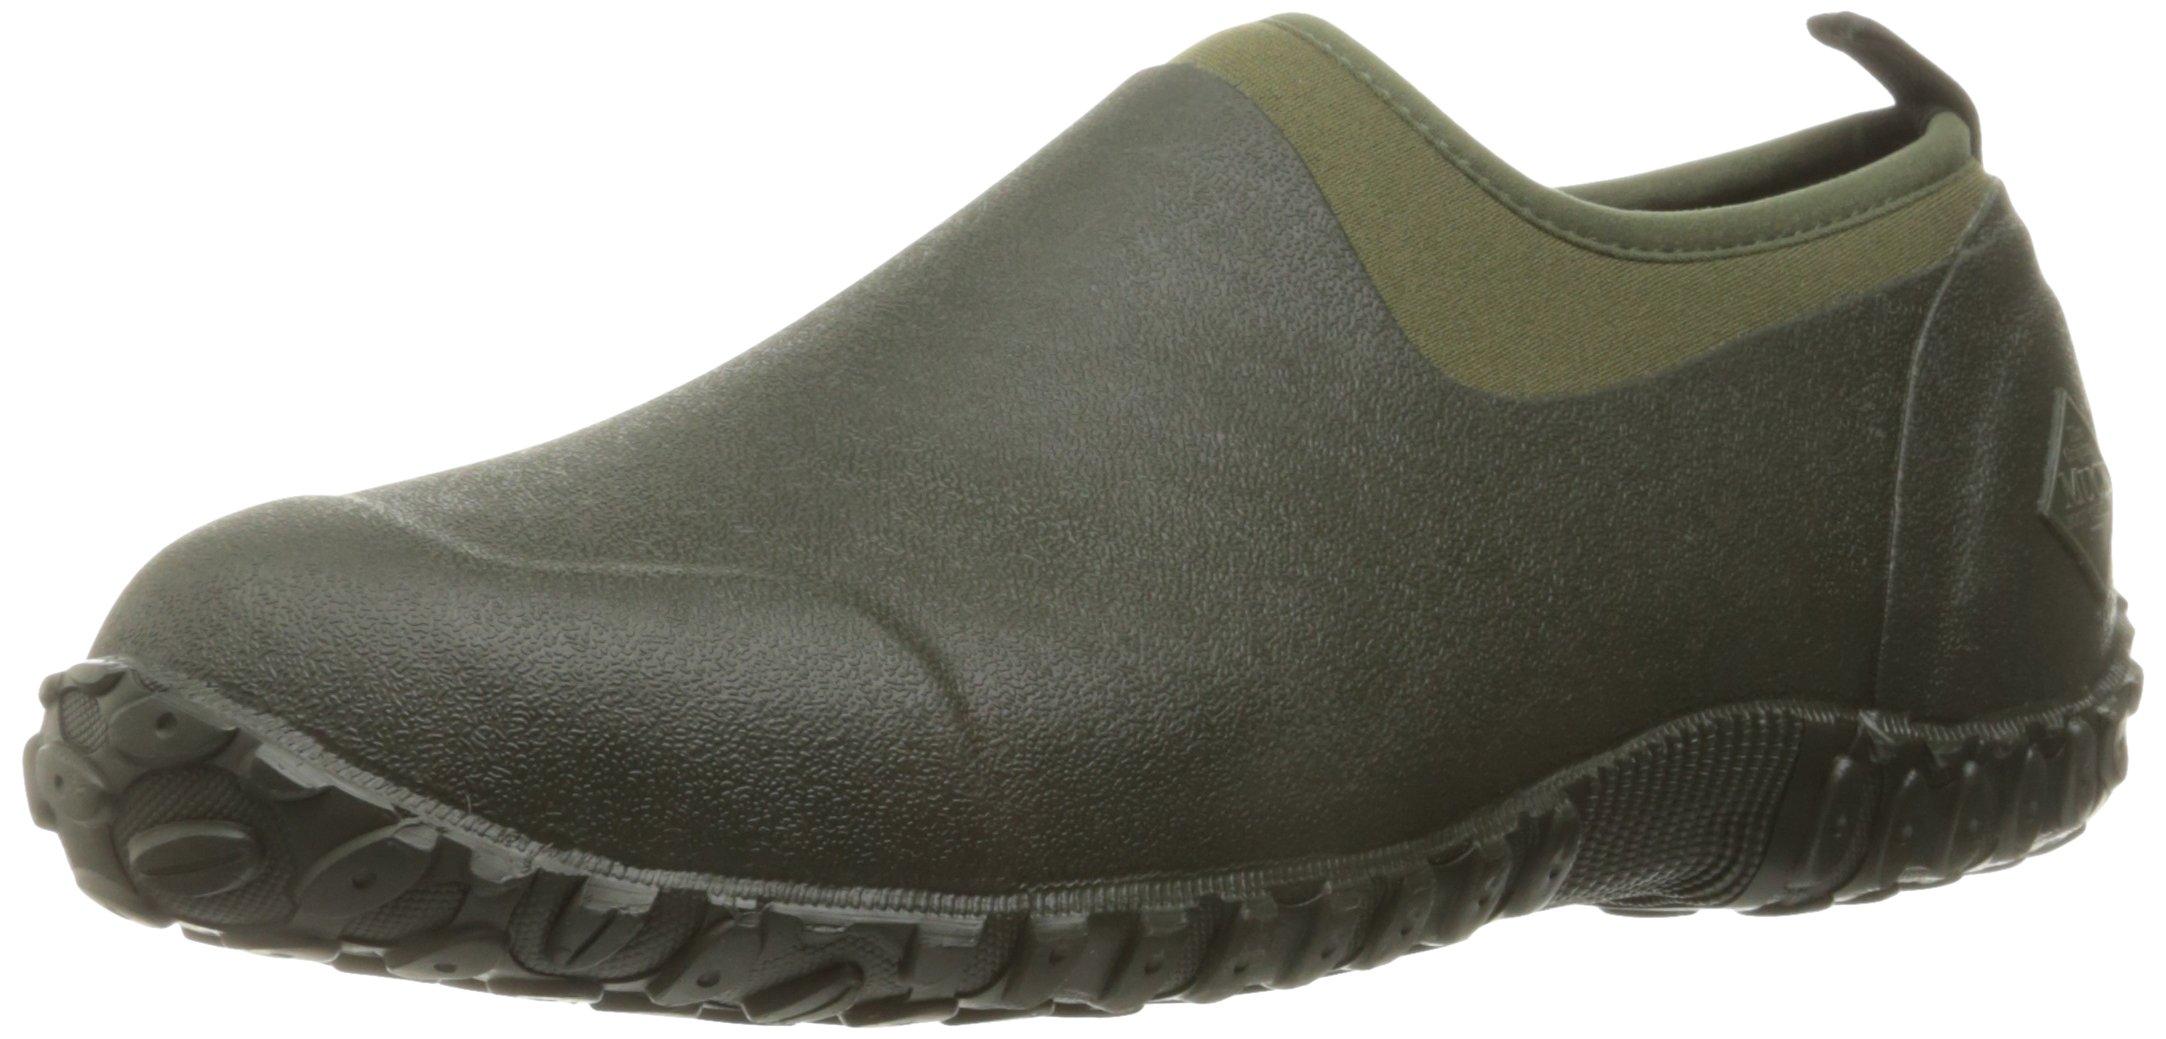 Muckster ll Men's Rubber Garden Shoes,Moss/Green,7 US/7-7.5 M US by Muck Boot (Image #1)